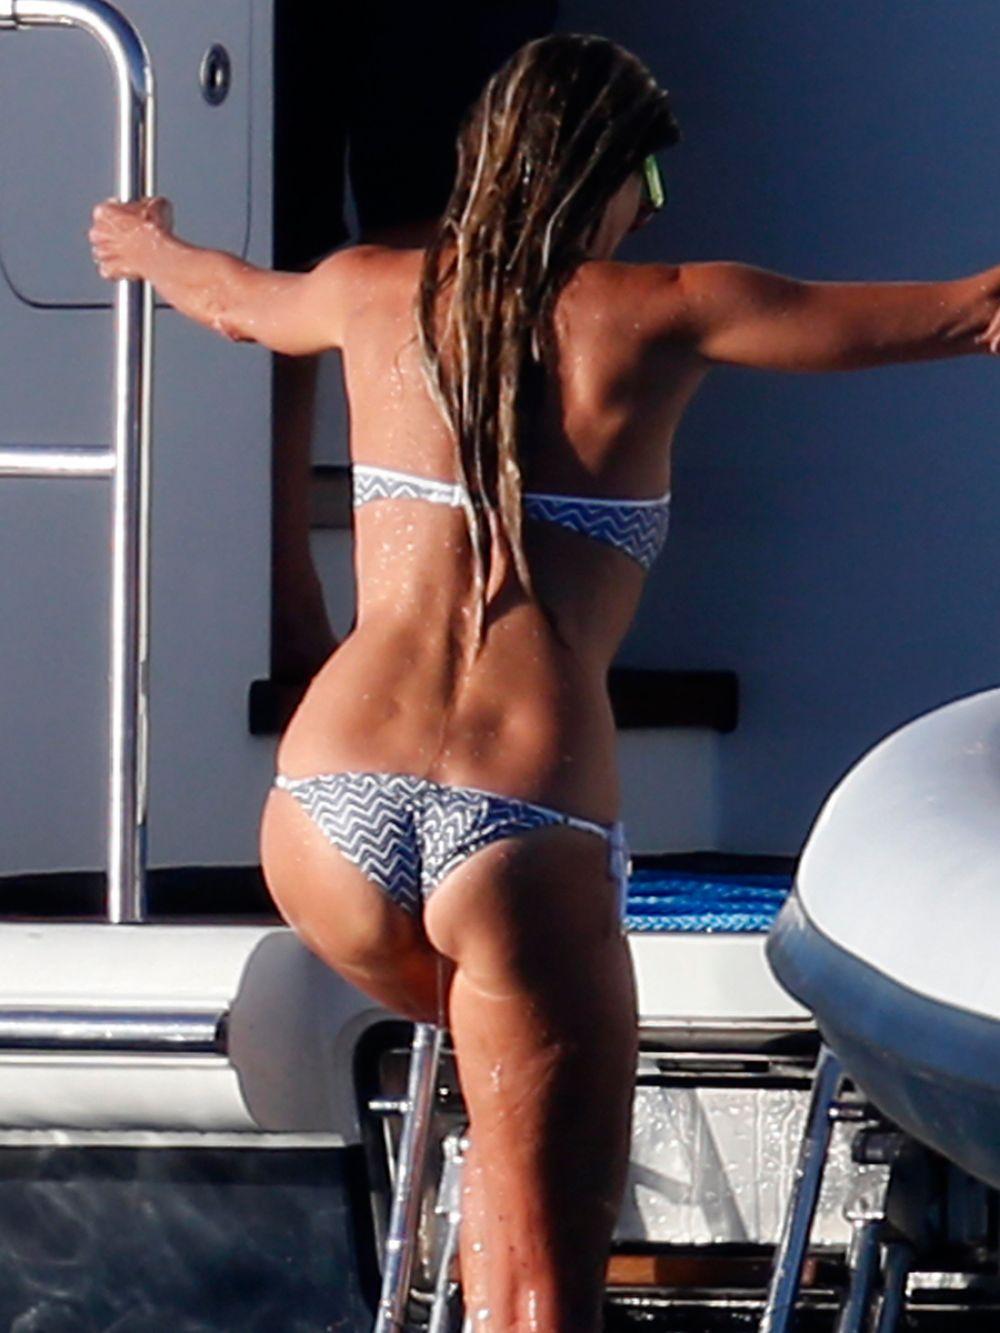 Элли макферсон голая 18 фотография